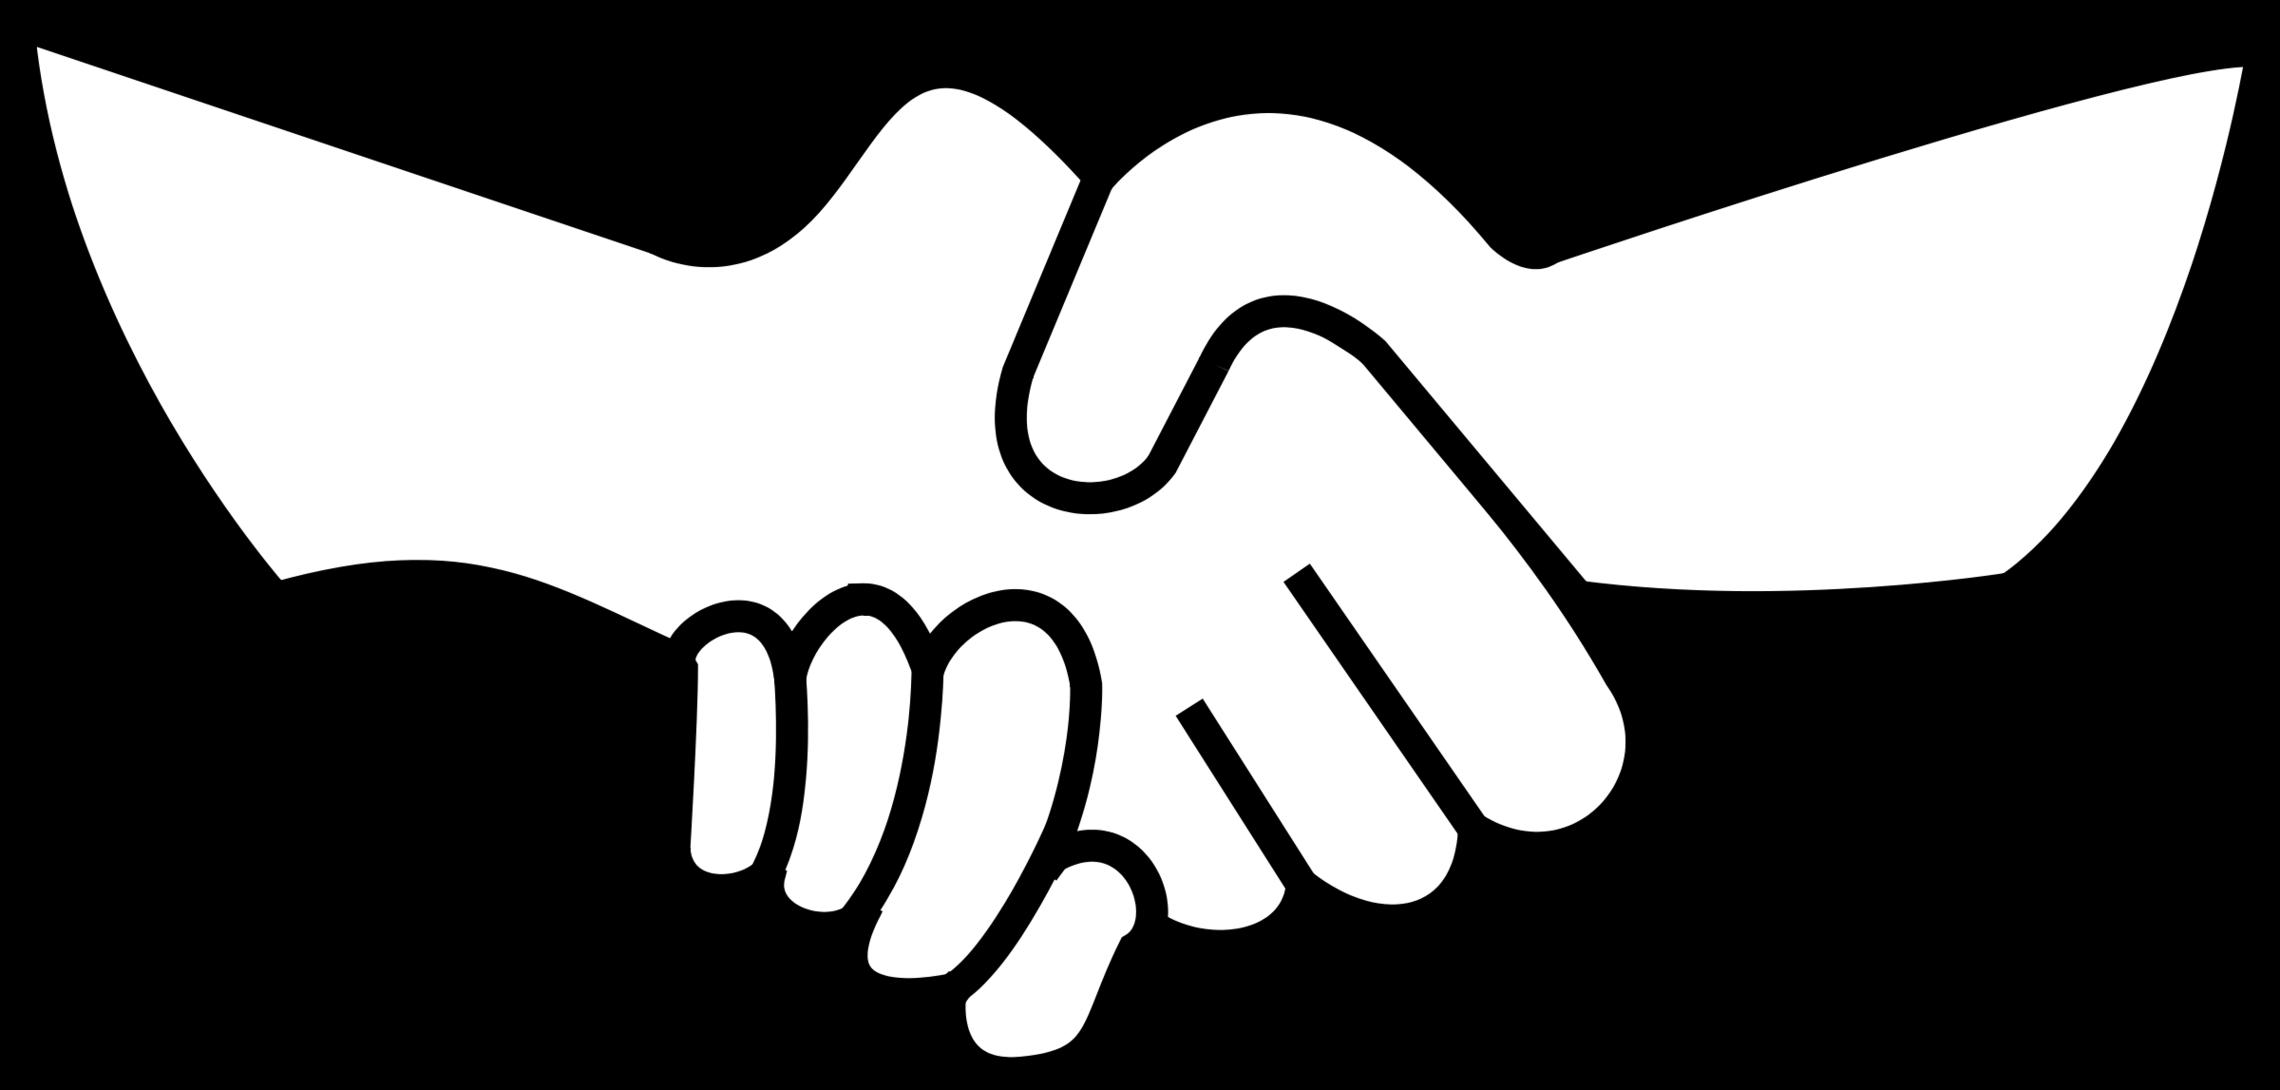 Clip art helping hands.